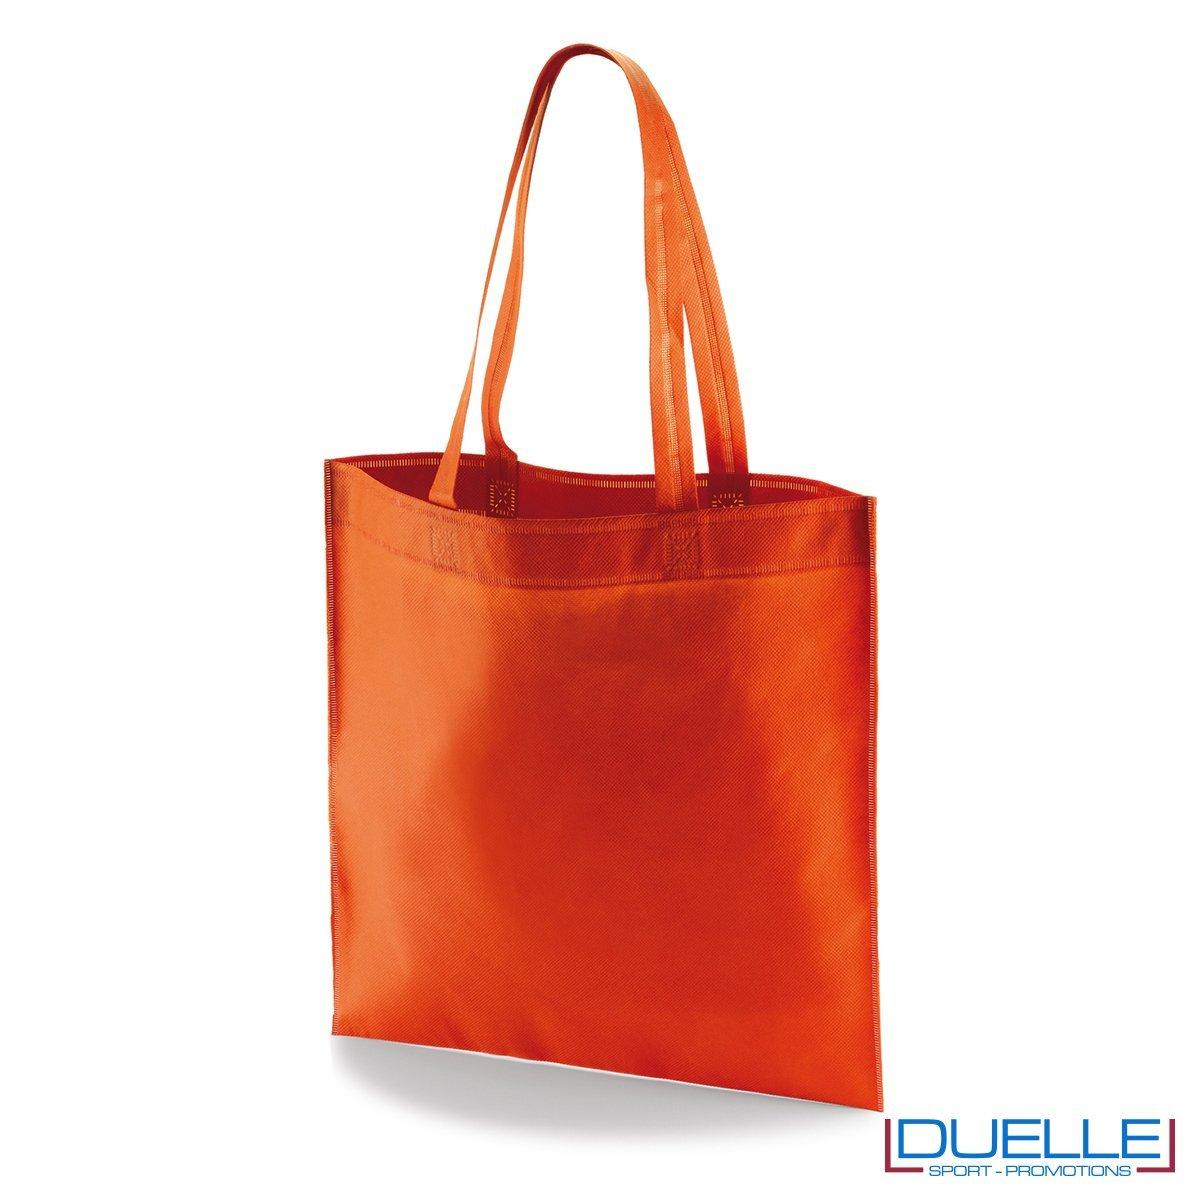 borsa shooper personalizzata in tnt termosaldato rosso, offerta borse promozionali in tnt economiche rosse